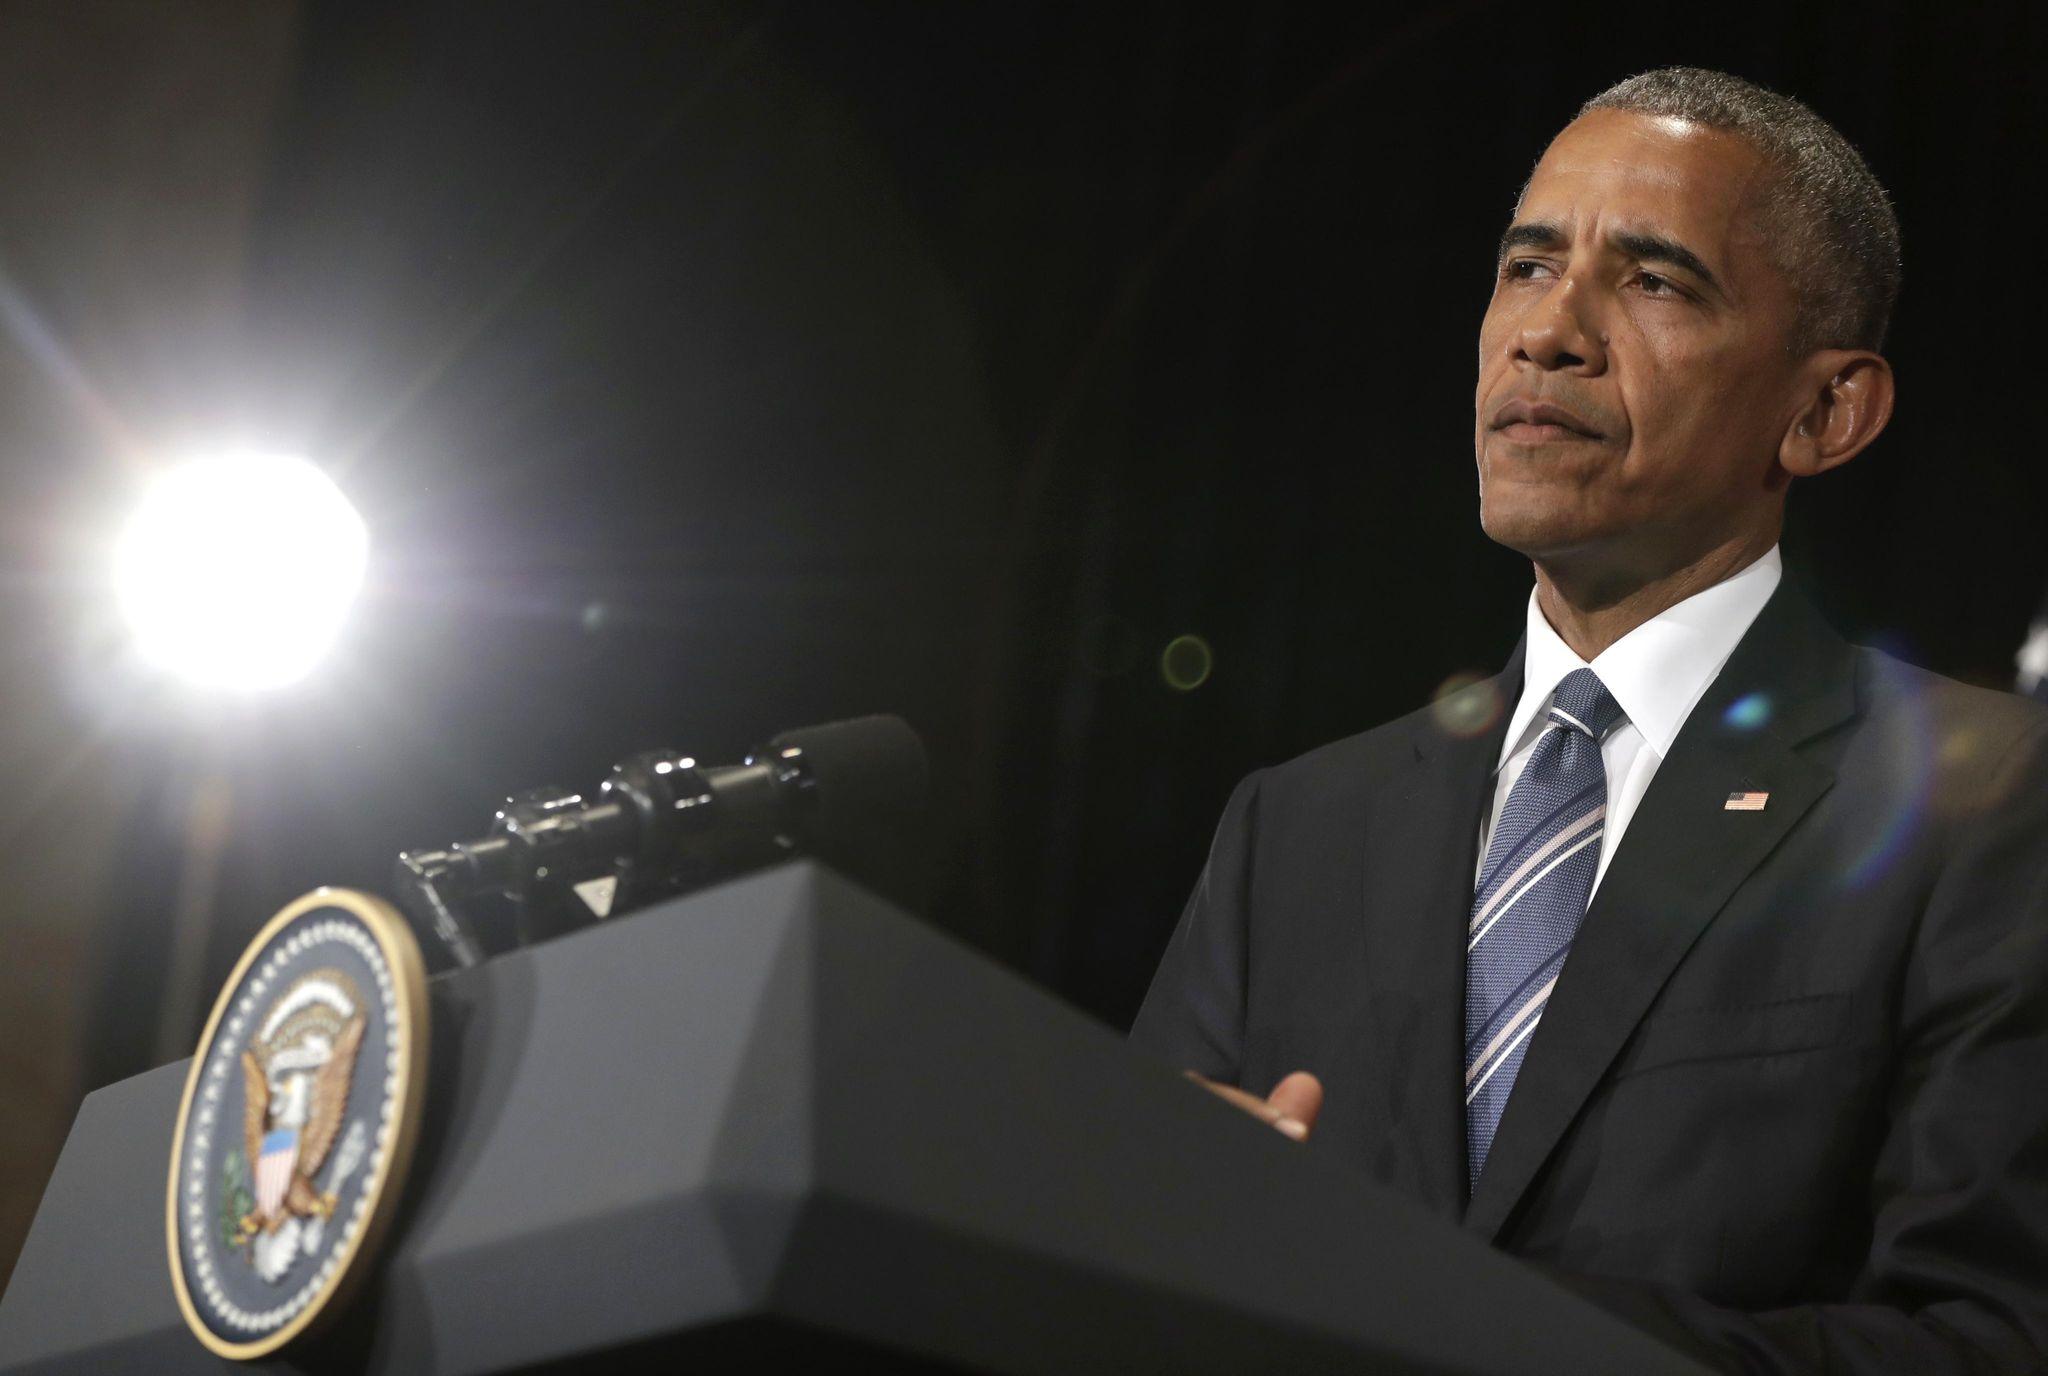 Obama's relentless gun purge